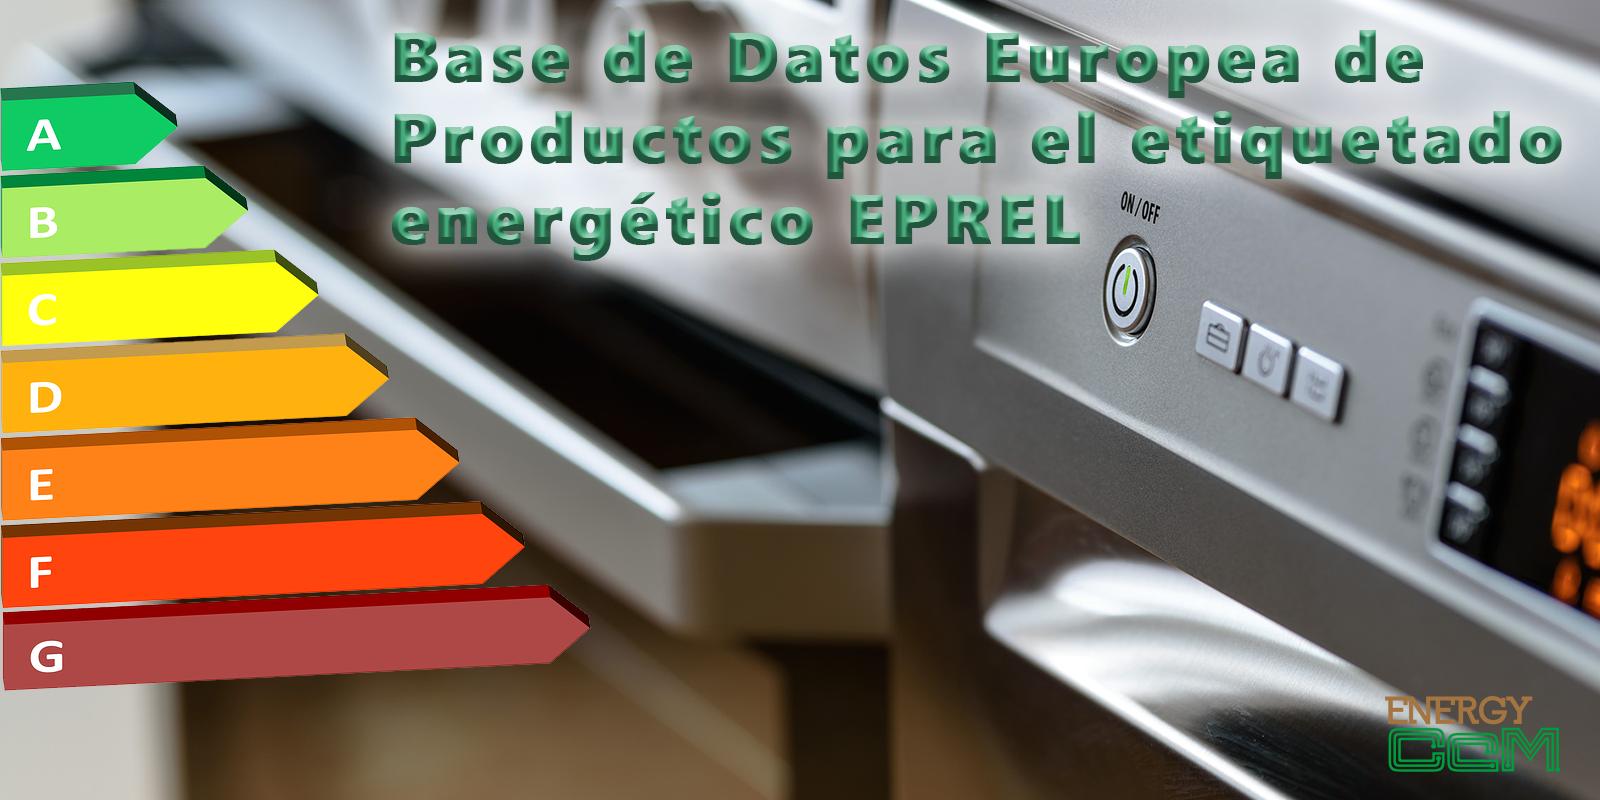 Base de datos etiquetado energético